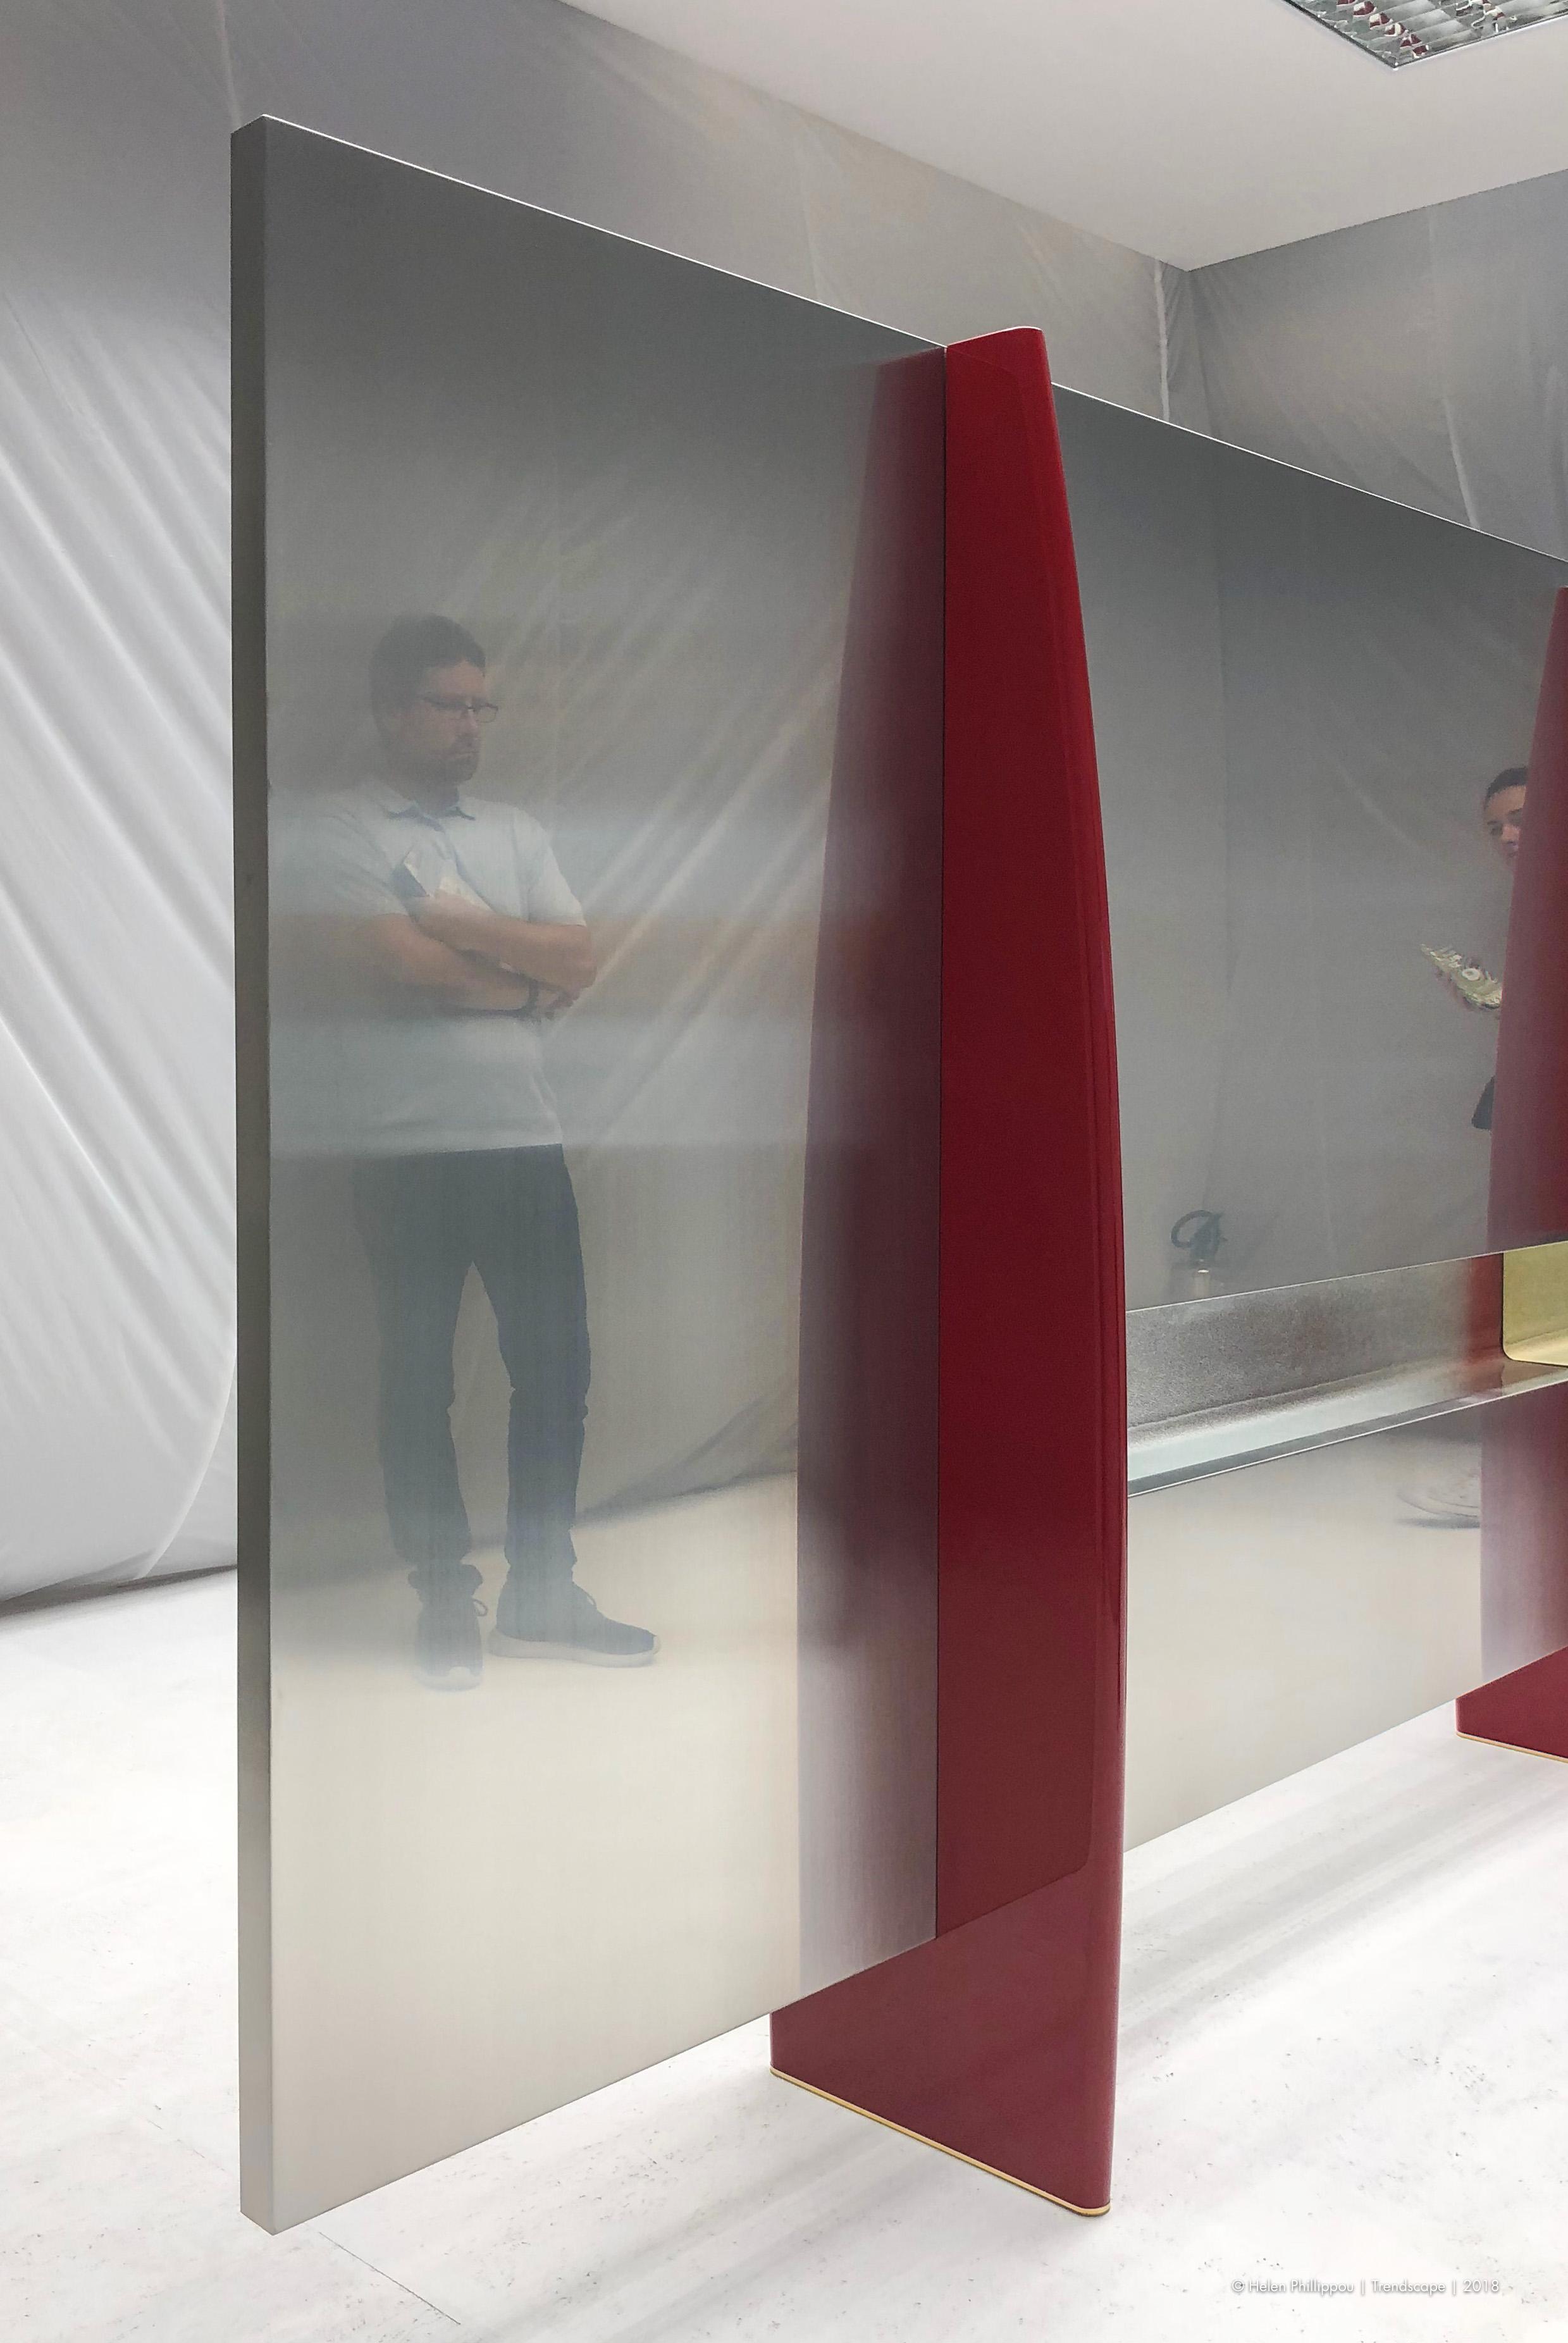 Dimore Studio Milan Design Week 2018 2.jpg